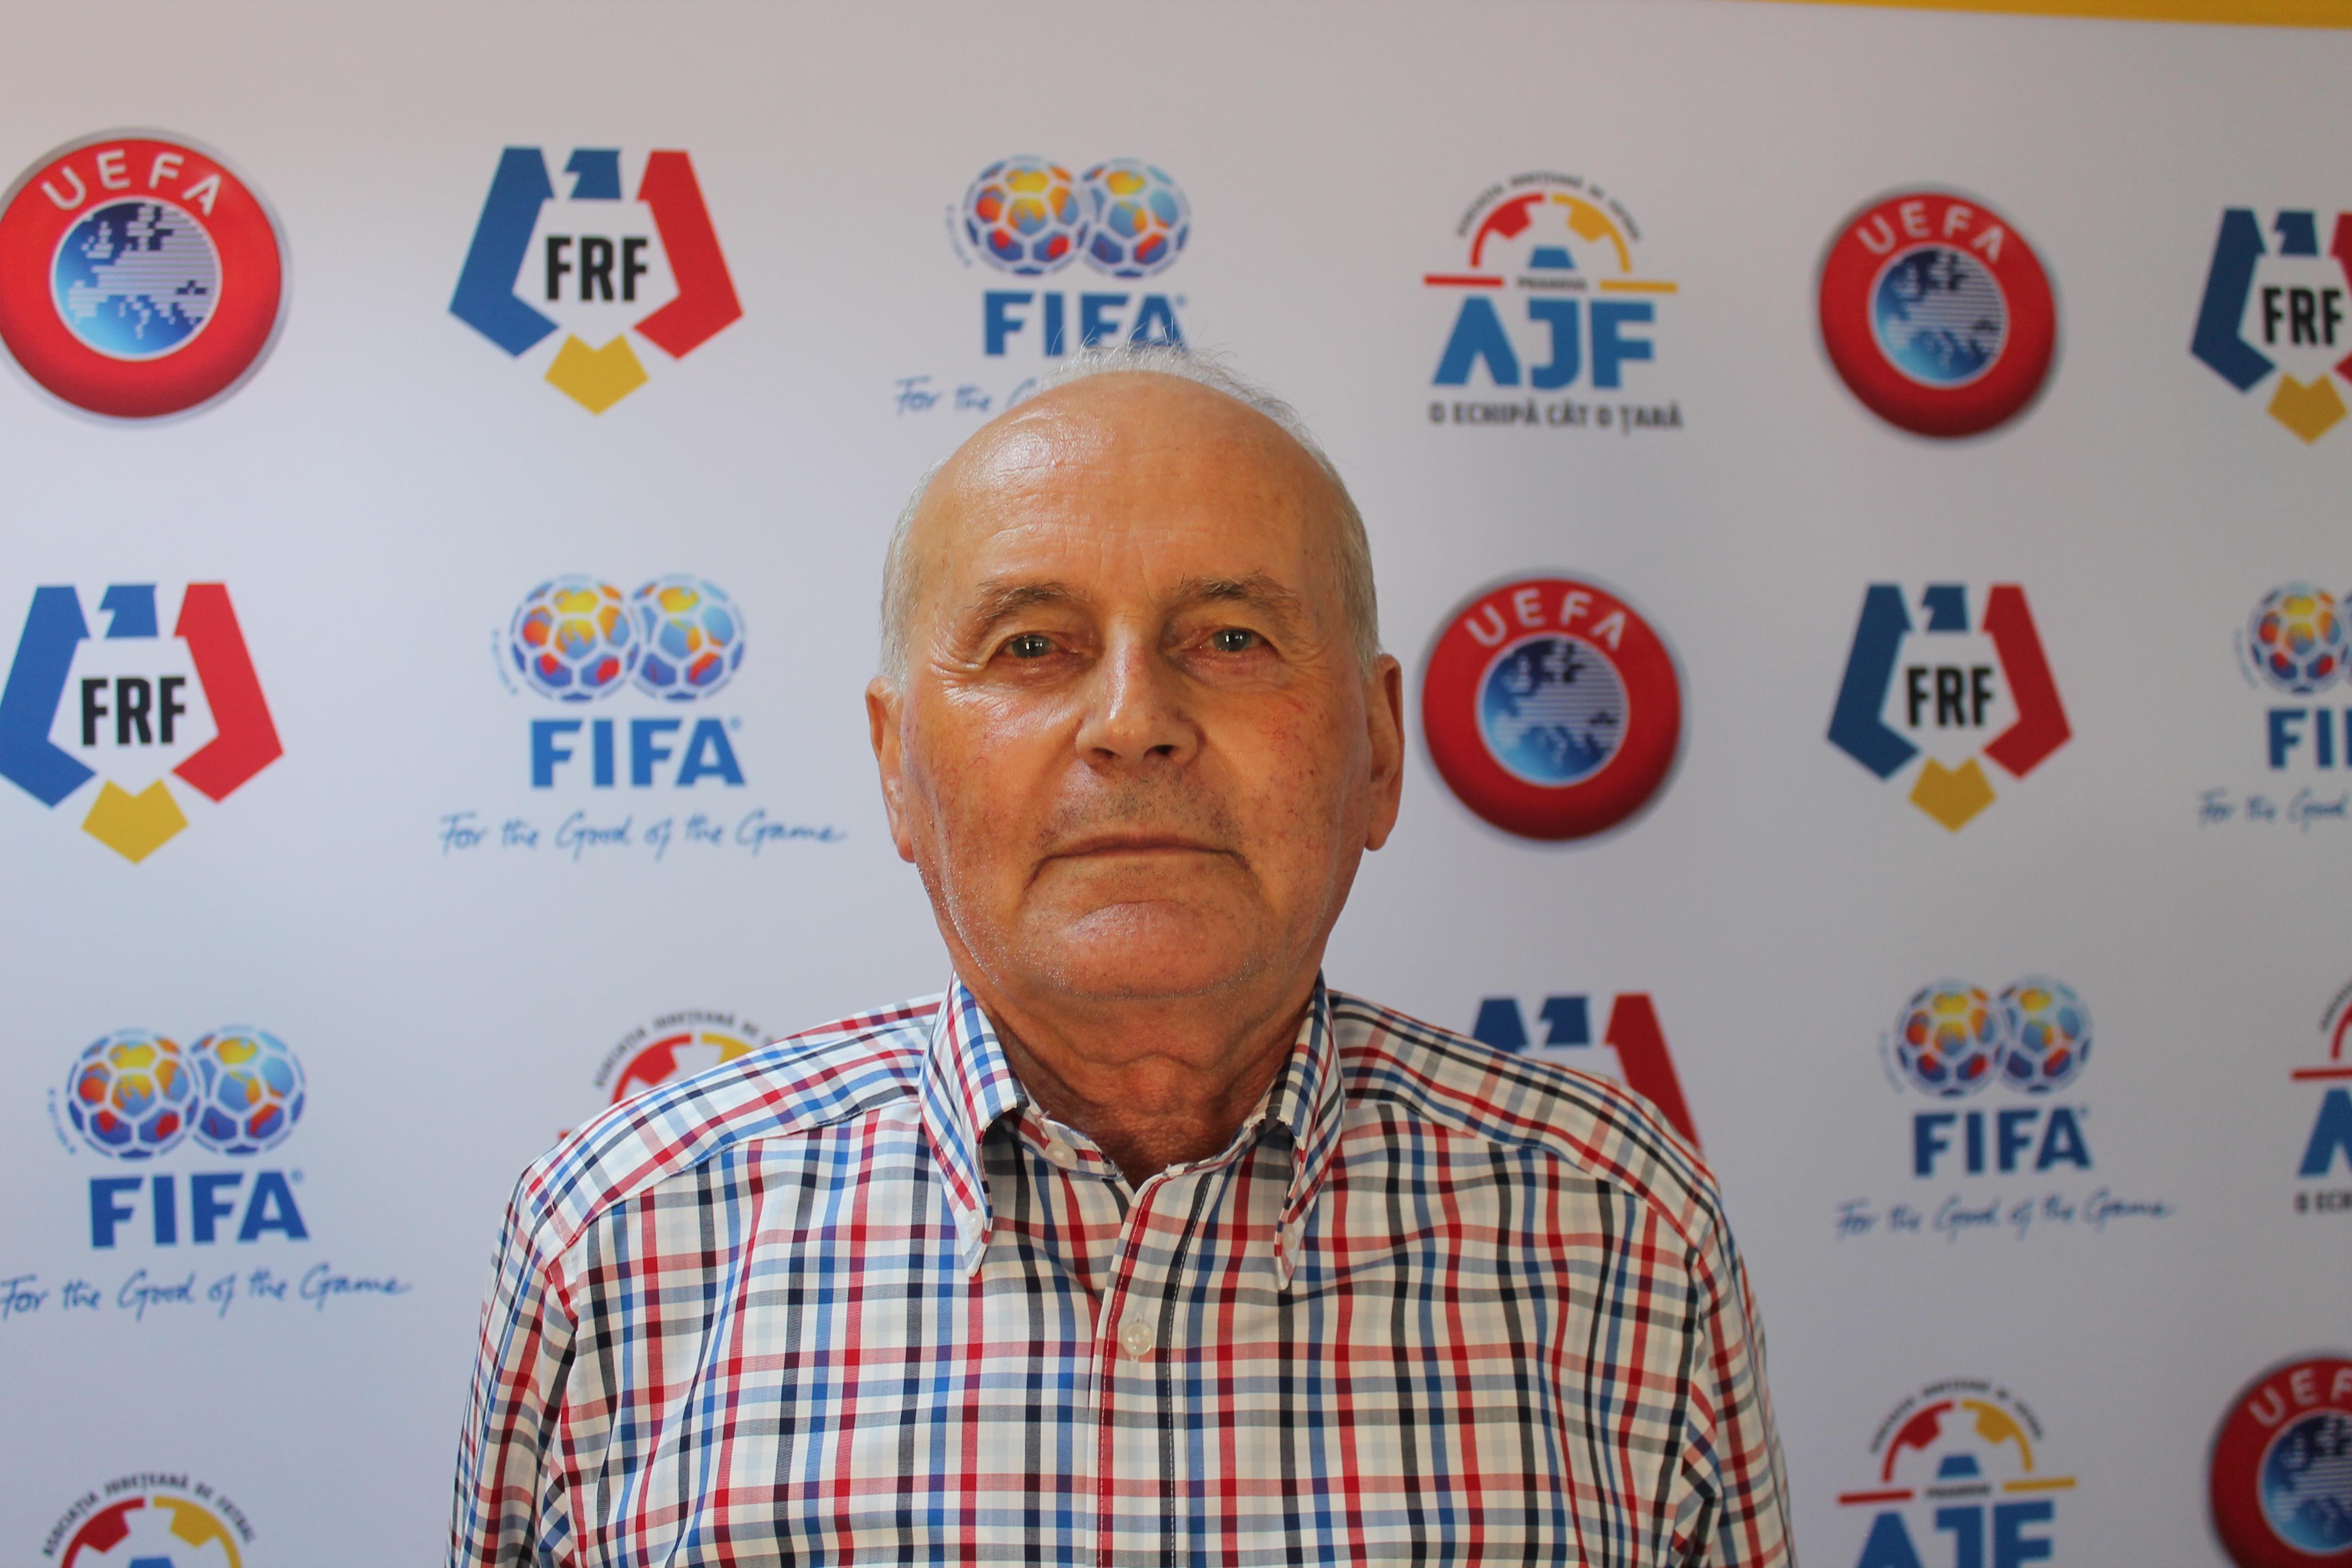 Vasile Radu